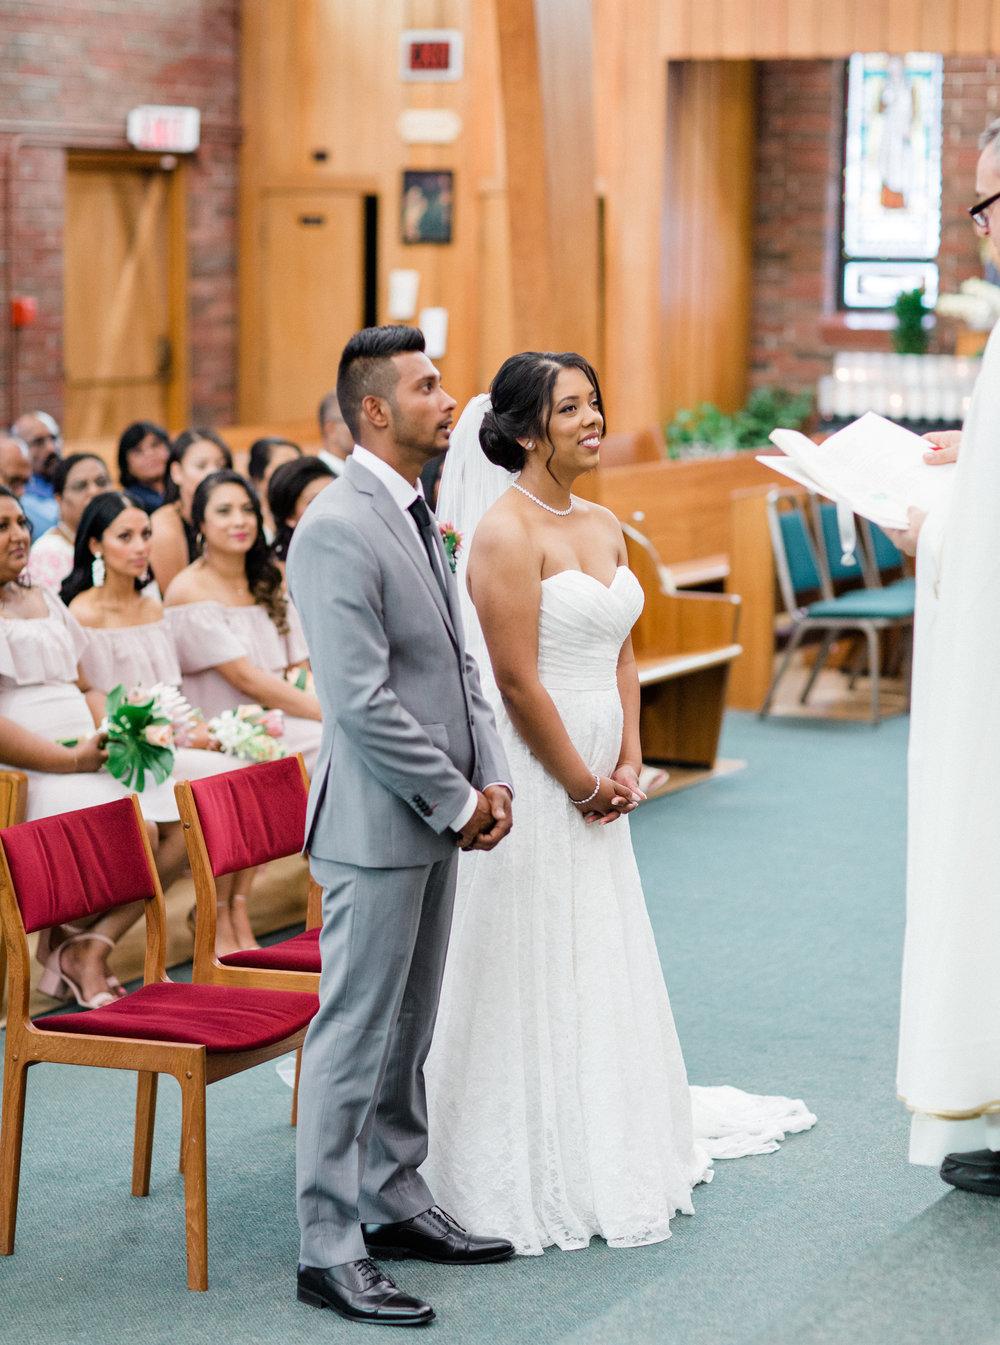 Shalene&Roneel_Wedding_JenzelVeloPhotography79.jpg